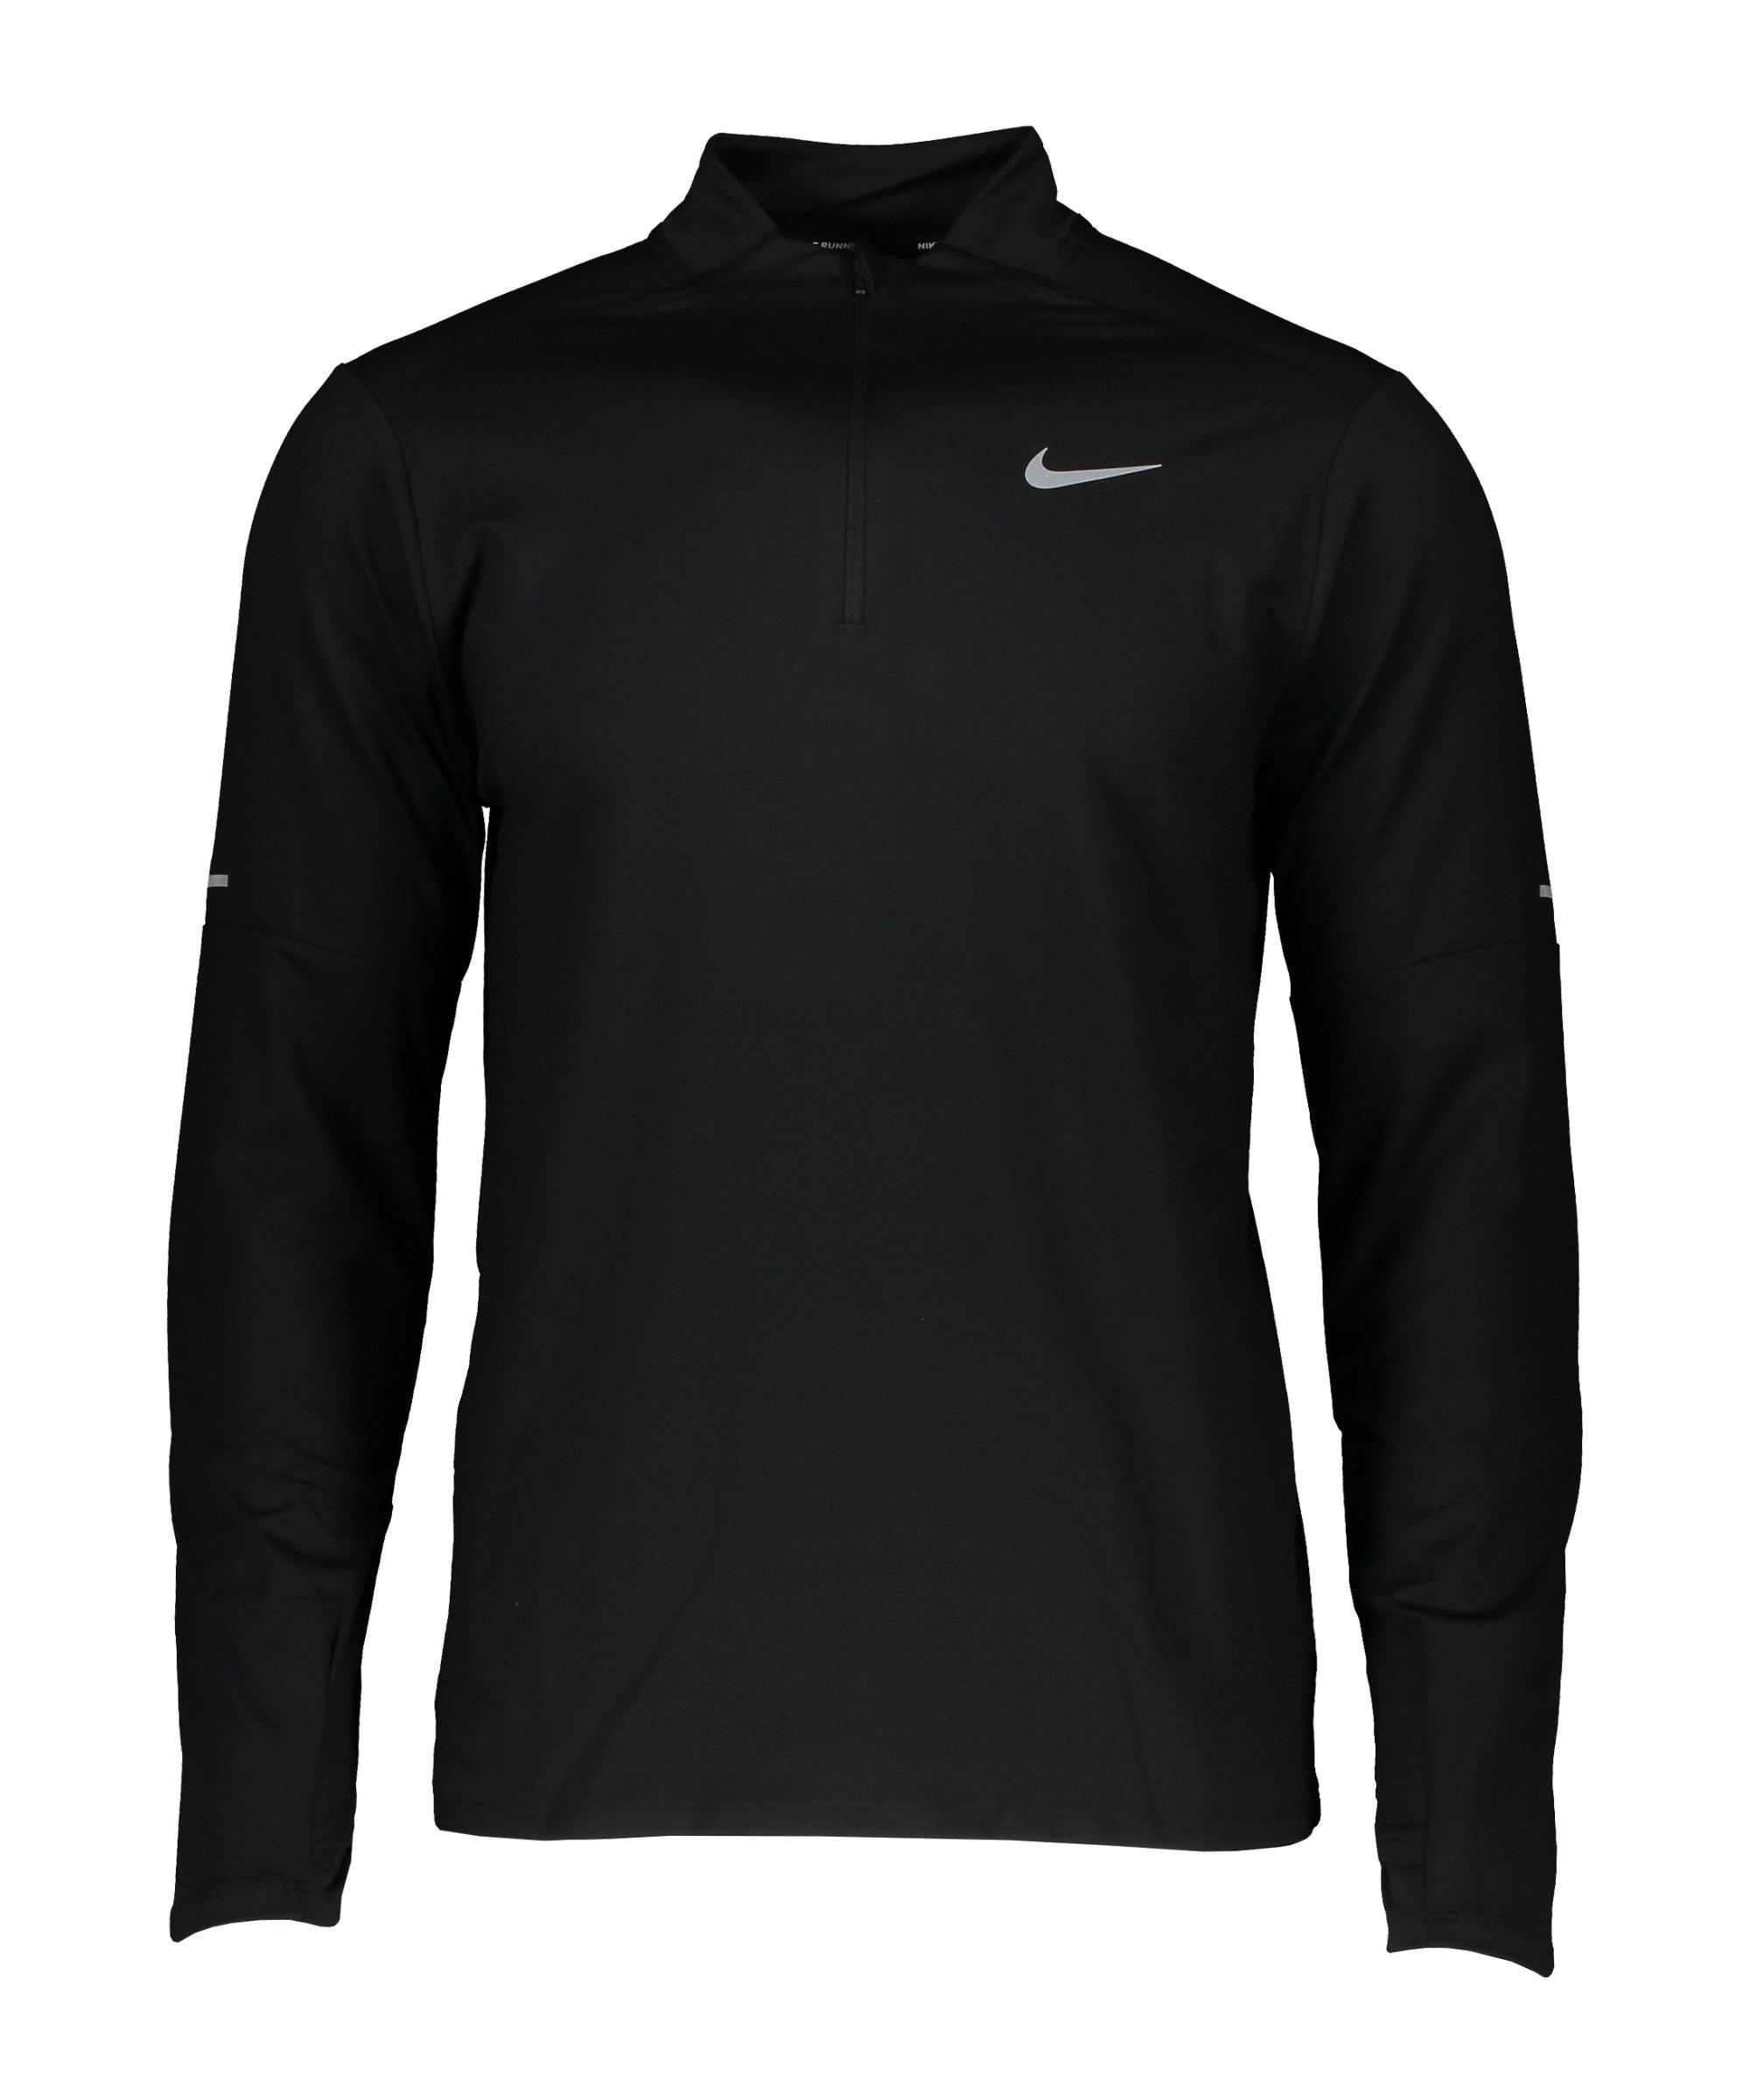 Nike Element HalfZip Sweatshirt Running F010 - schwarz